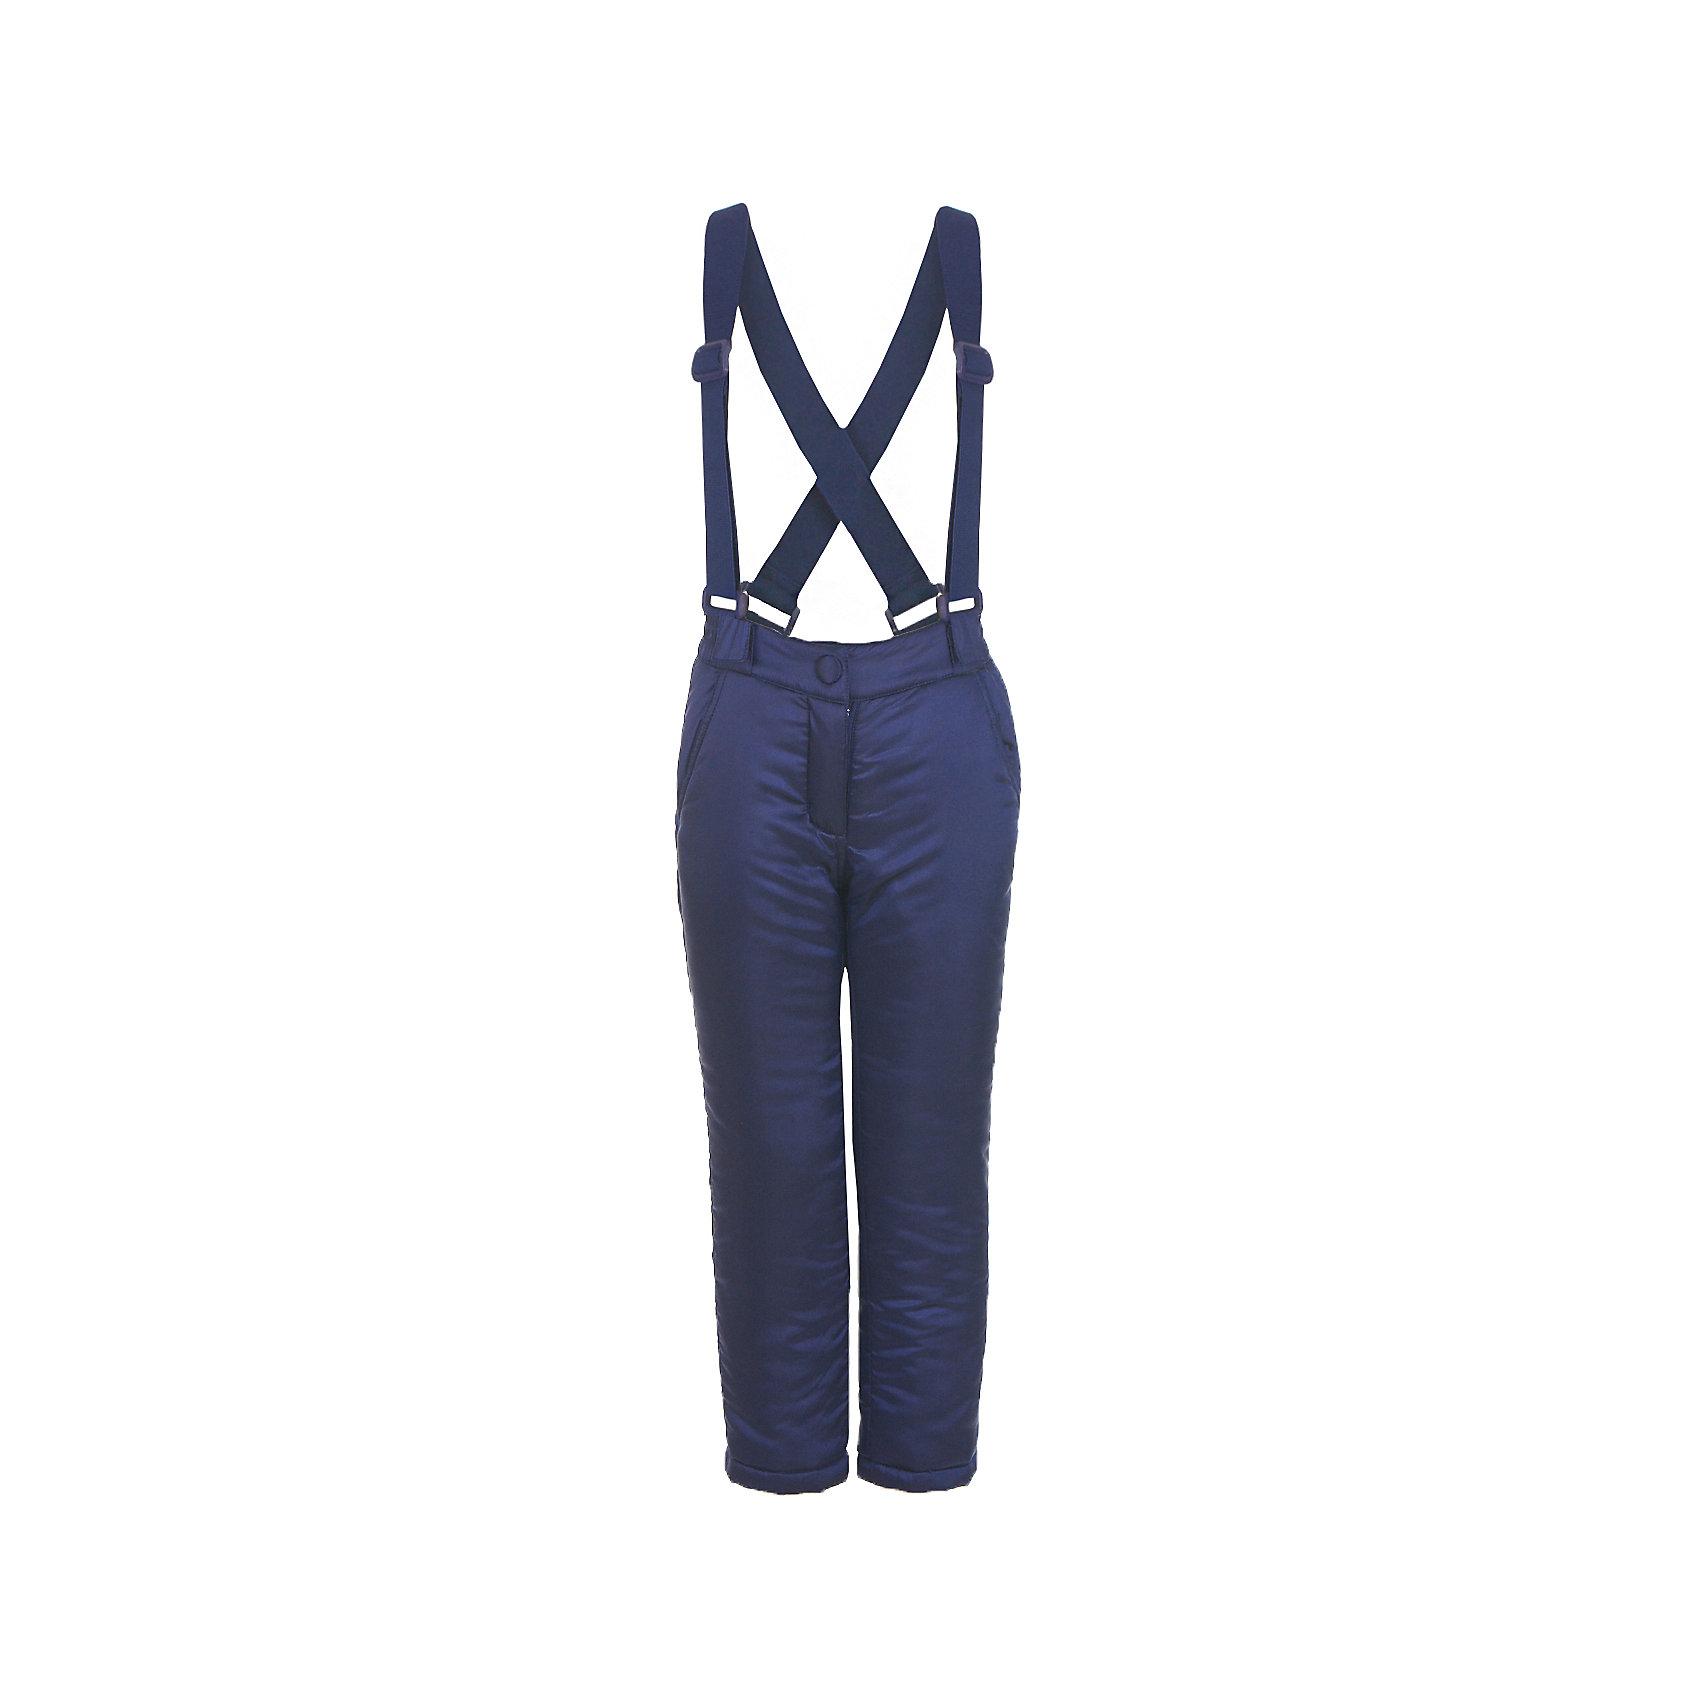 Брюки Button Blue для девочкиВерхняя одежда<br>Характеристики товара:<br><br>• цвет: синий;<br>• состав: 55% полиэстер, 45% нейлон;<br>• подкладка: 100% хлопок, 100% полиэстер, флис;<br>• утеплитель: 100% полиэстер, синтепон;<br>• сезон: зима;<br>• температурный режим: от 0 до -20С;<br>• застежка: ширинка на молнии, пуговица;<br>• гладкая подкладка из полиэстера;<br>• съемные, эластичные и регулируемые подтяжки;<br>• непромокаемые;<br>• два боковых кармана;<br>• страна бренда: Россия;<br>• страна изготовитель: Китай.<br><br>Зимние брюки с подтяжками для девочки. Брюки застегиваются на ширинку на молнии и пуговицу-крючок. Сверху брюки выполнены из водонепроницаемой ткани, при этом изделие дышит. Брюки дополнены съемными, эластичными и регулируемыми подтяжками.<br><br>Брюки Button Blue (Баттон Блю) можно купить в нашем интернет-магазине.<br><br>Ширина мм: 215<br>Глубина мм: 88<br>Высота мм: 191<br>Вес г: 336<br>Цвет: темно-синий<br>Возраст от месяцев: 24<br>Возраст до месяцев: 36<br>Пол: Женский<br>Возраст: Детский<br>Размер: 98,104,110,116,122,128,134,140,146,152,158<br>SKU: 7038025